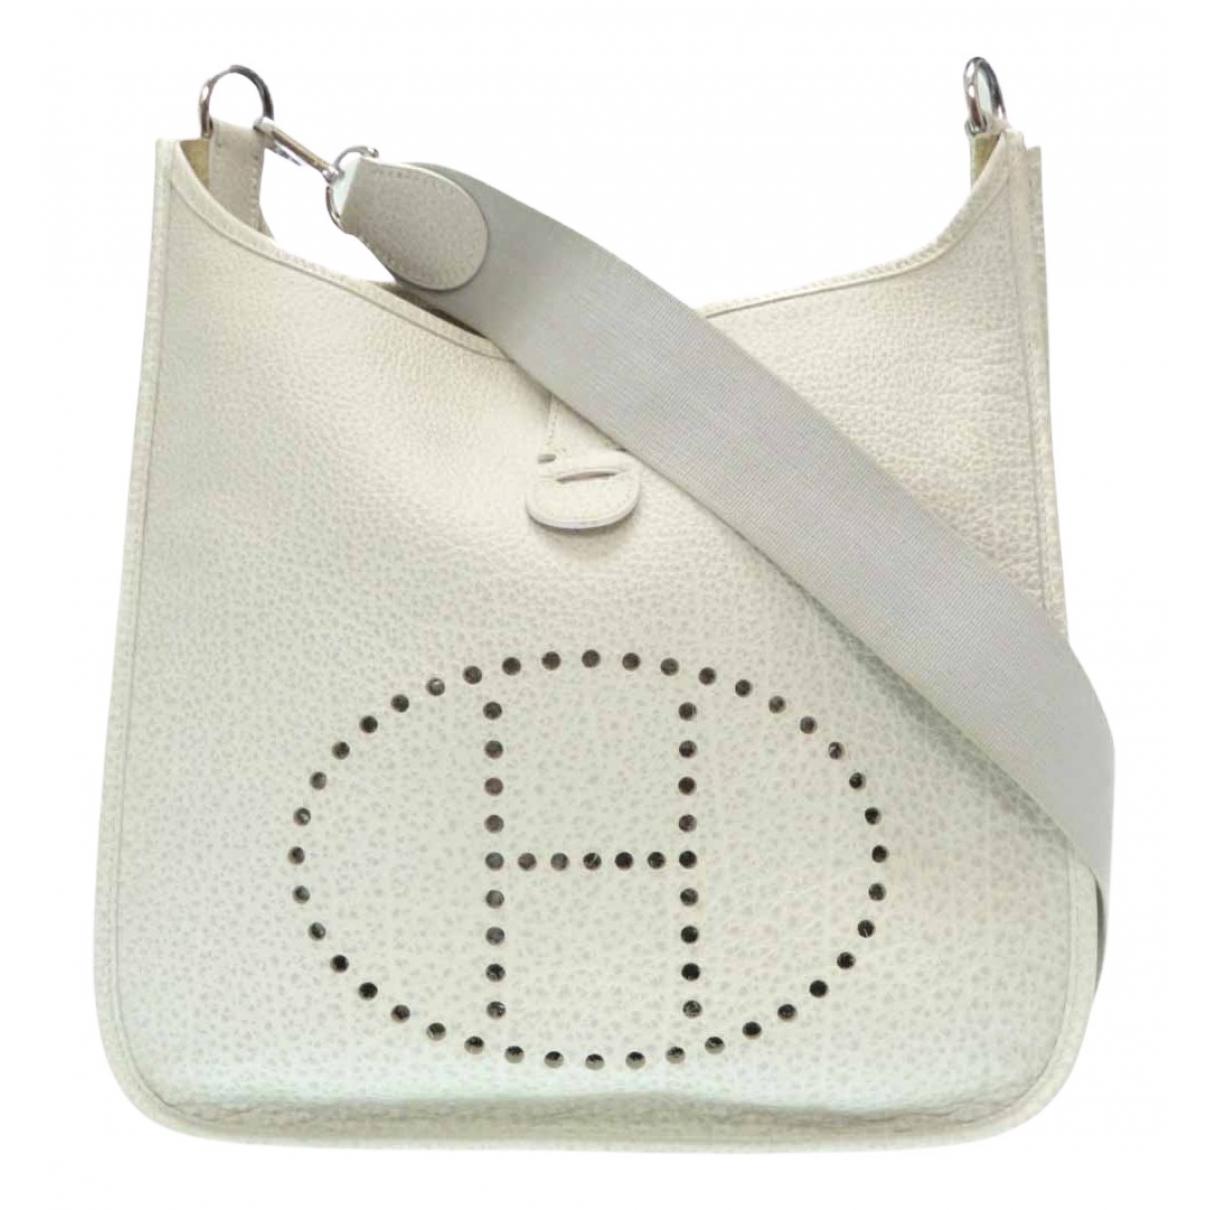 Hermès Evelyne White Leather handbag for Women \N